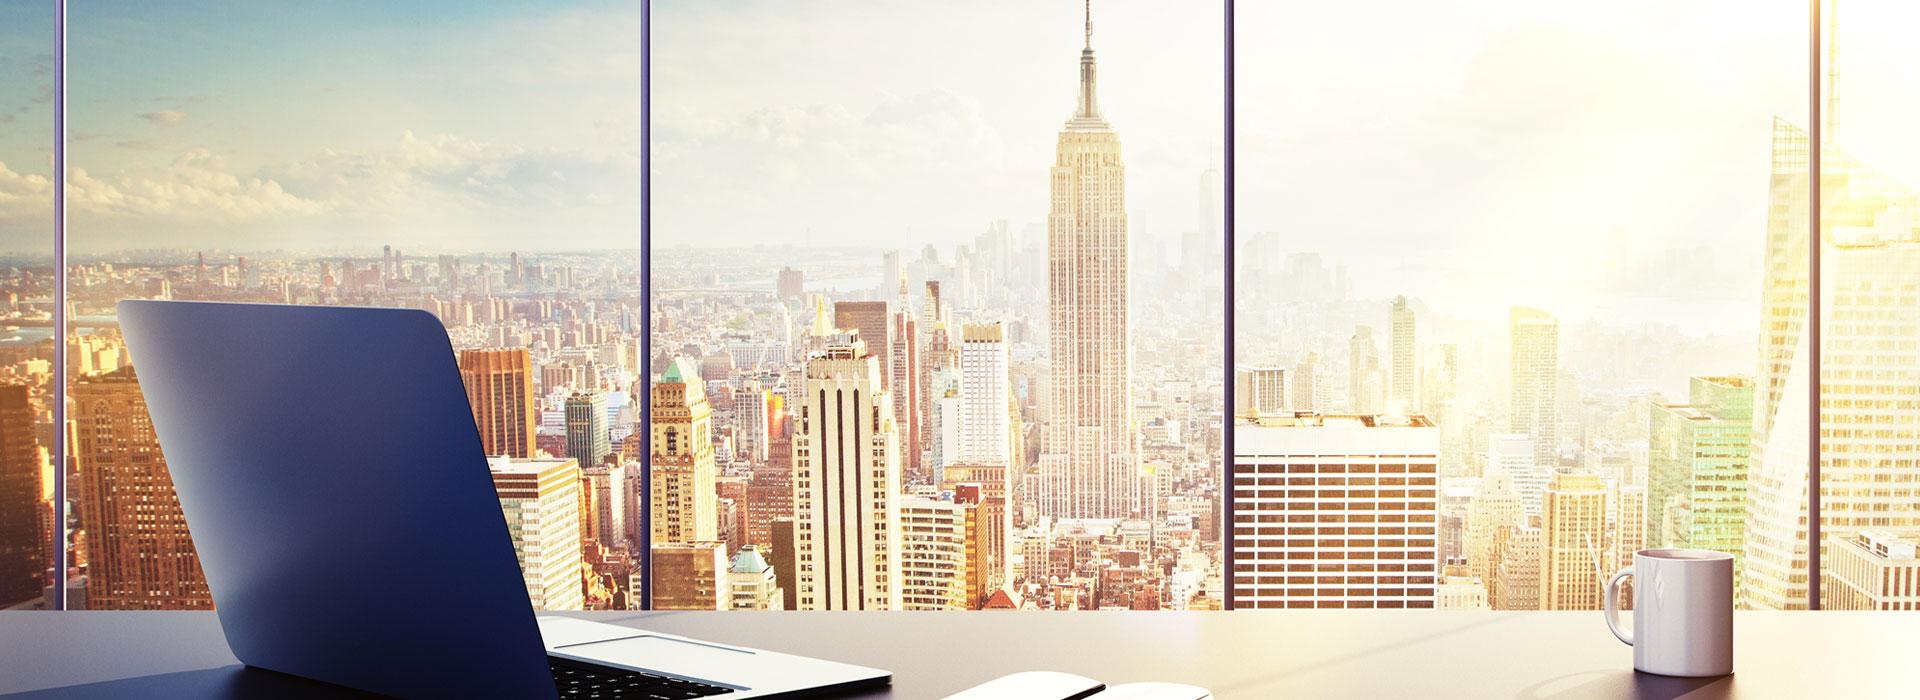 vetrata di un ufficio che affaccia sullo skyline di new york in una giornata di sole